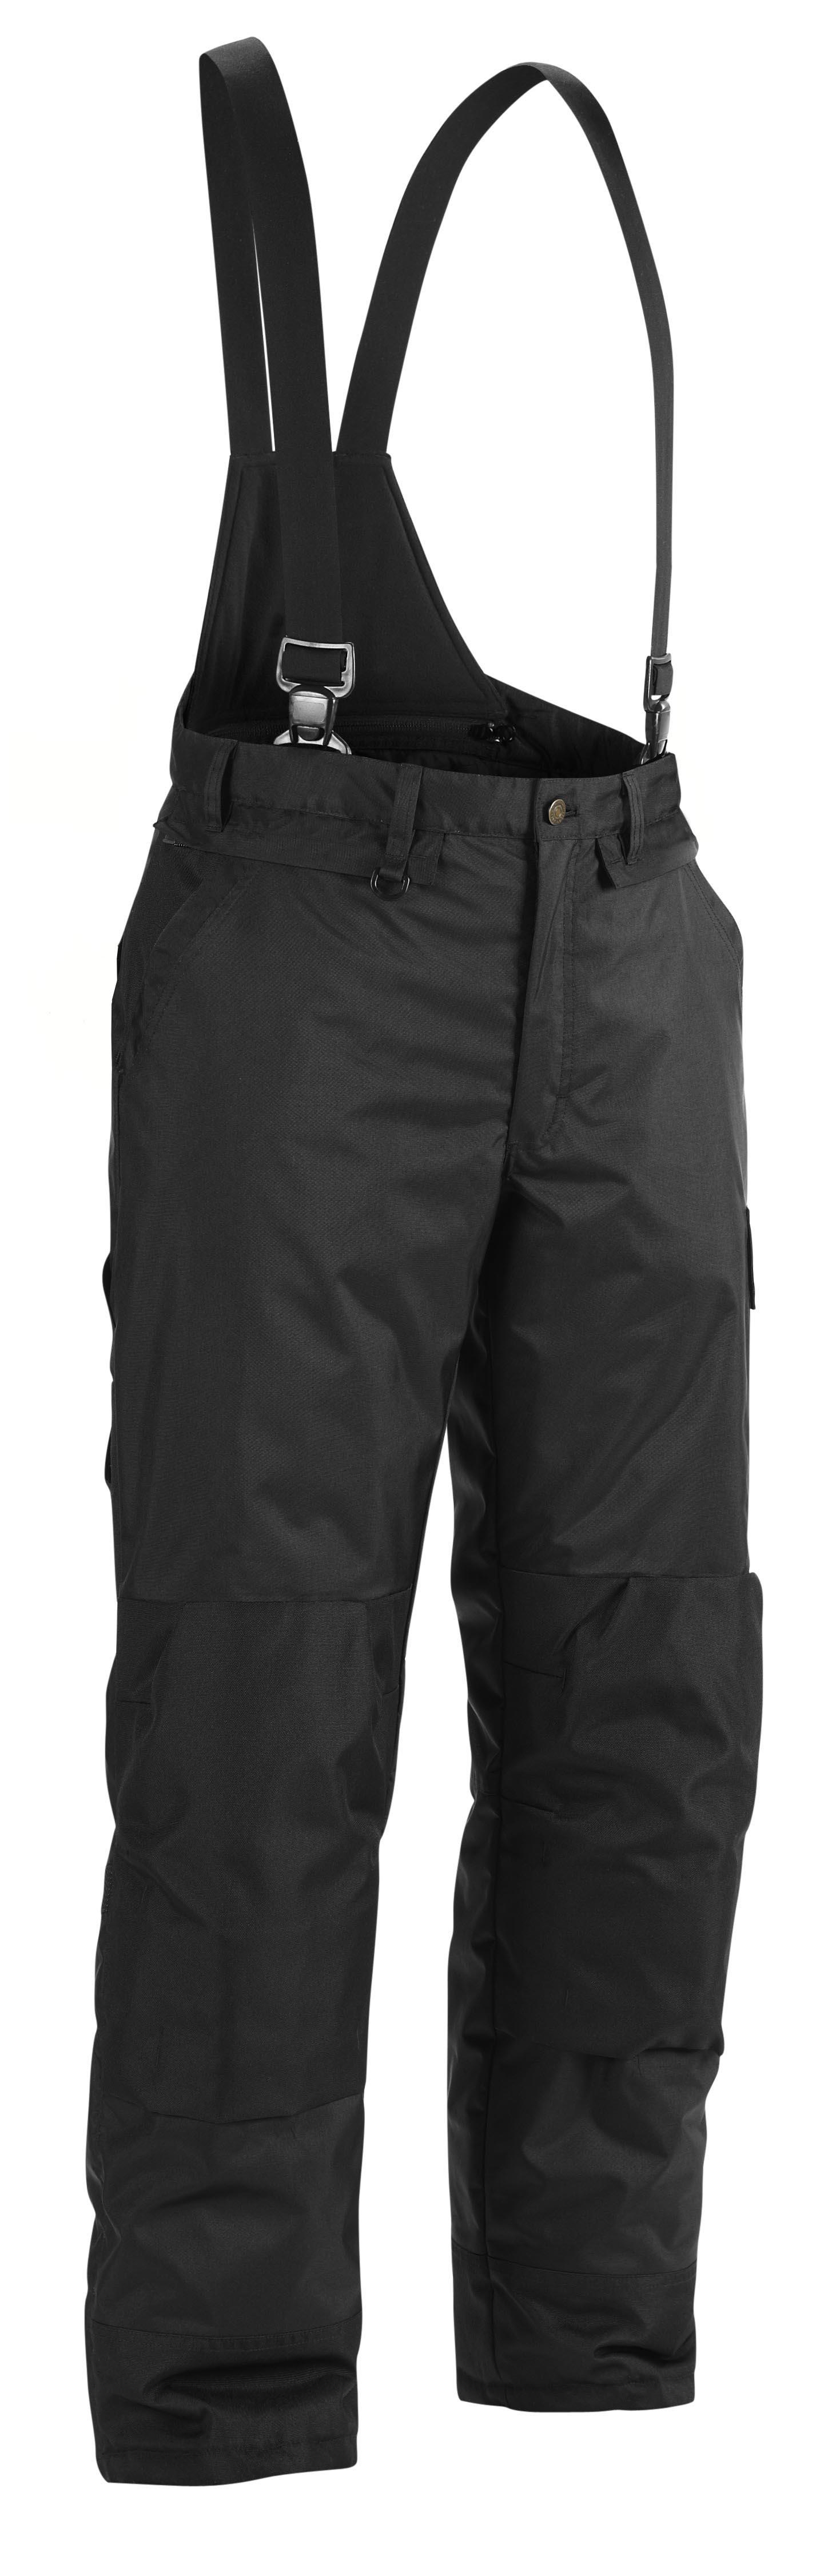 pantalon hiver noir pantalons de travail v tements de travail hiver v tements de travail. Black Bedroom Furniture Sets. Home Design Ideas